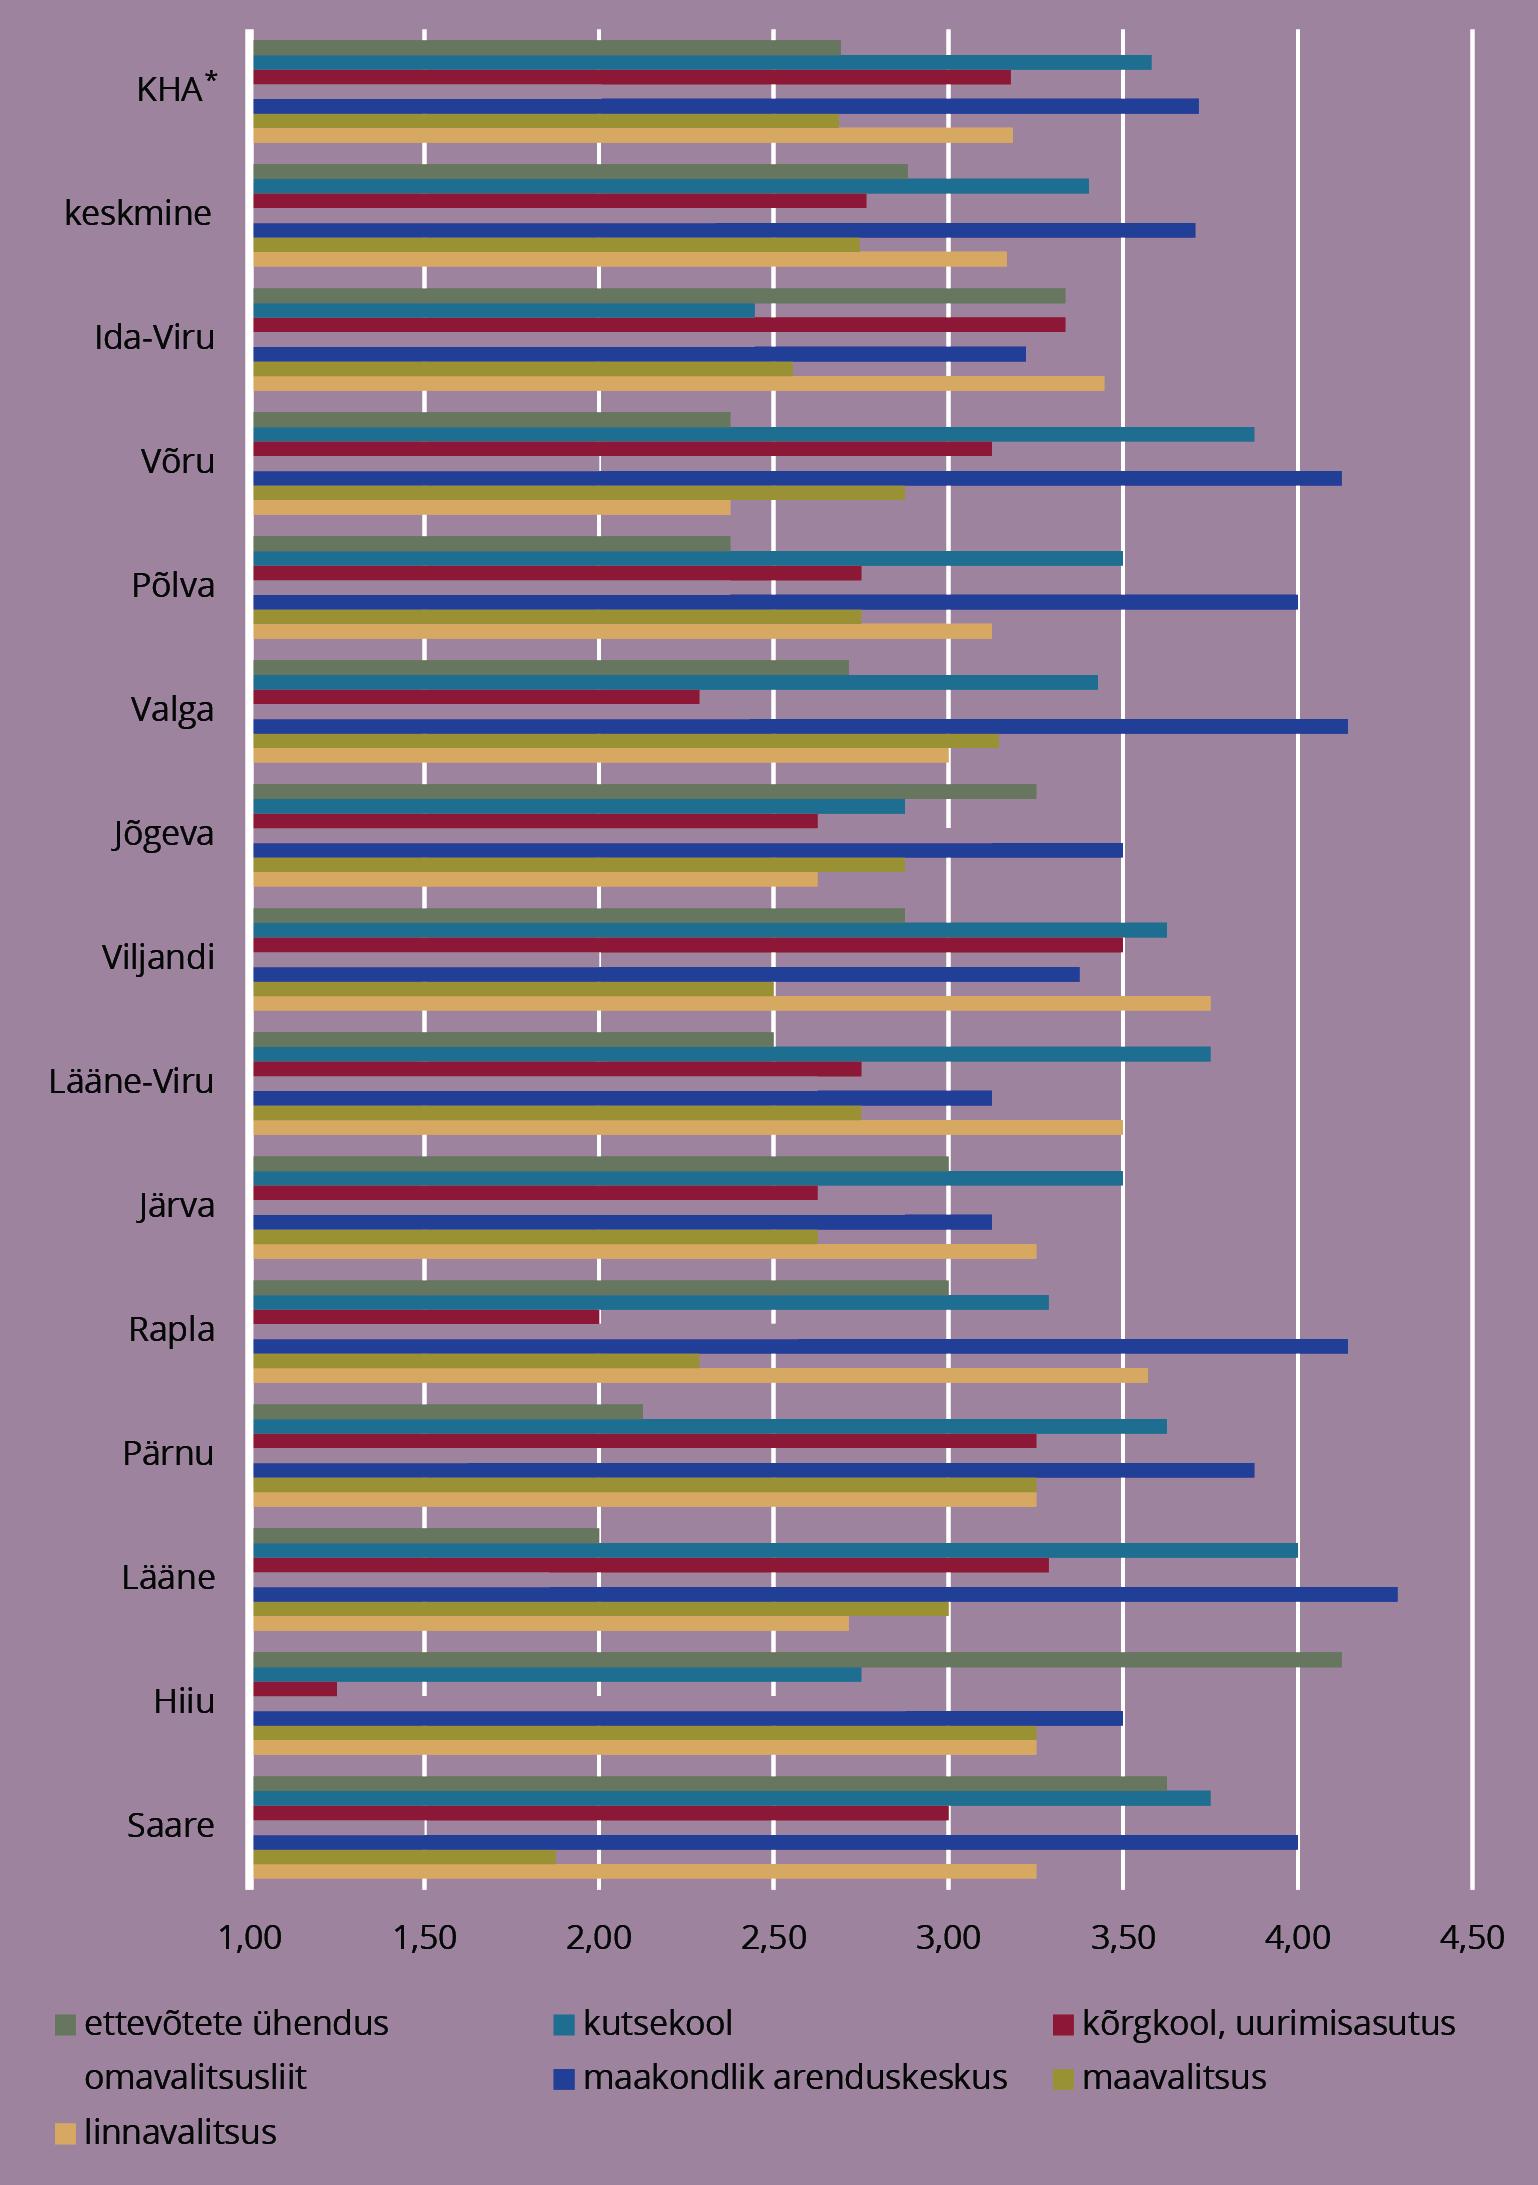 JOONIS 8. Võtmeisikute hinnangud maakonna ettevõtluse arendusinstitutsioonidele. Märkus: * kõrgkoolidega maakondade hinnangute keskmine. Allikas: Raagmaa et al. (2015)